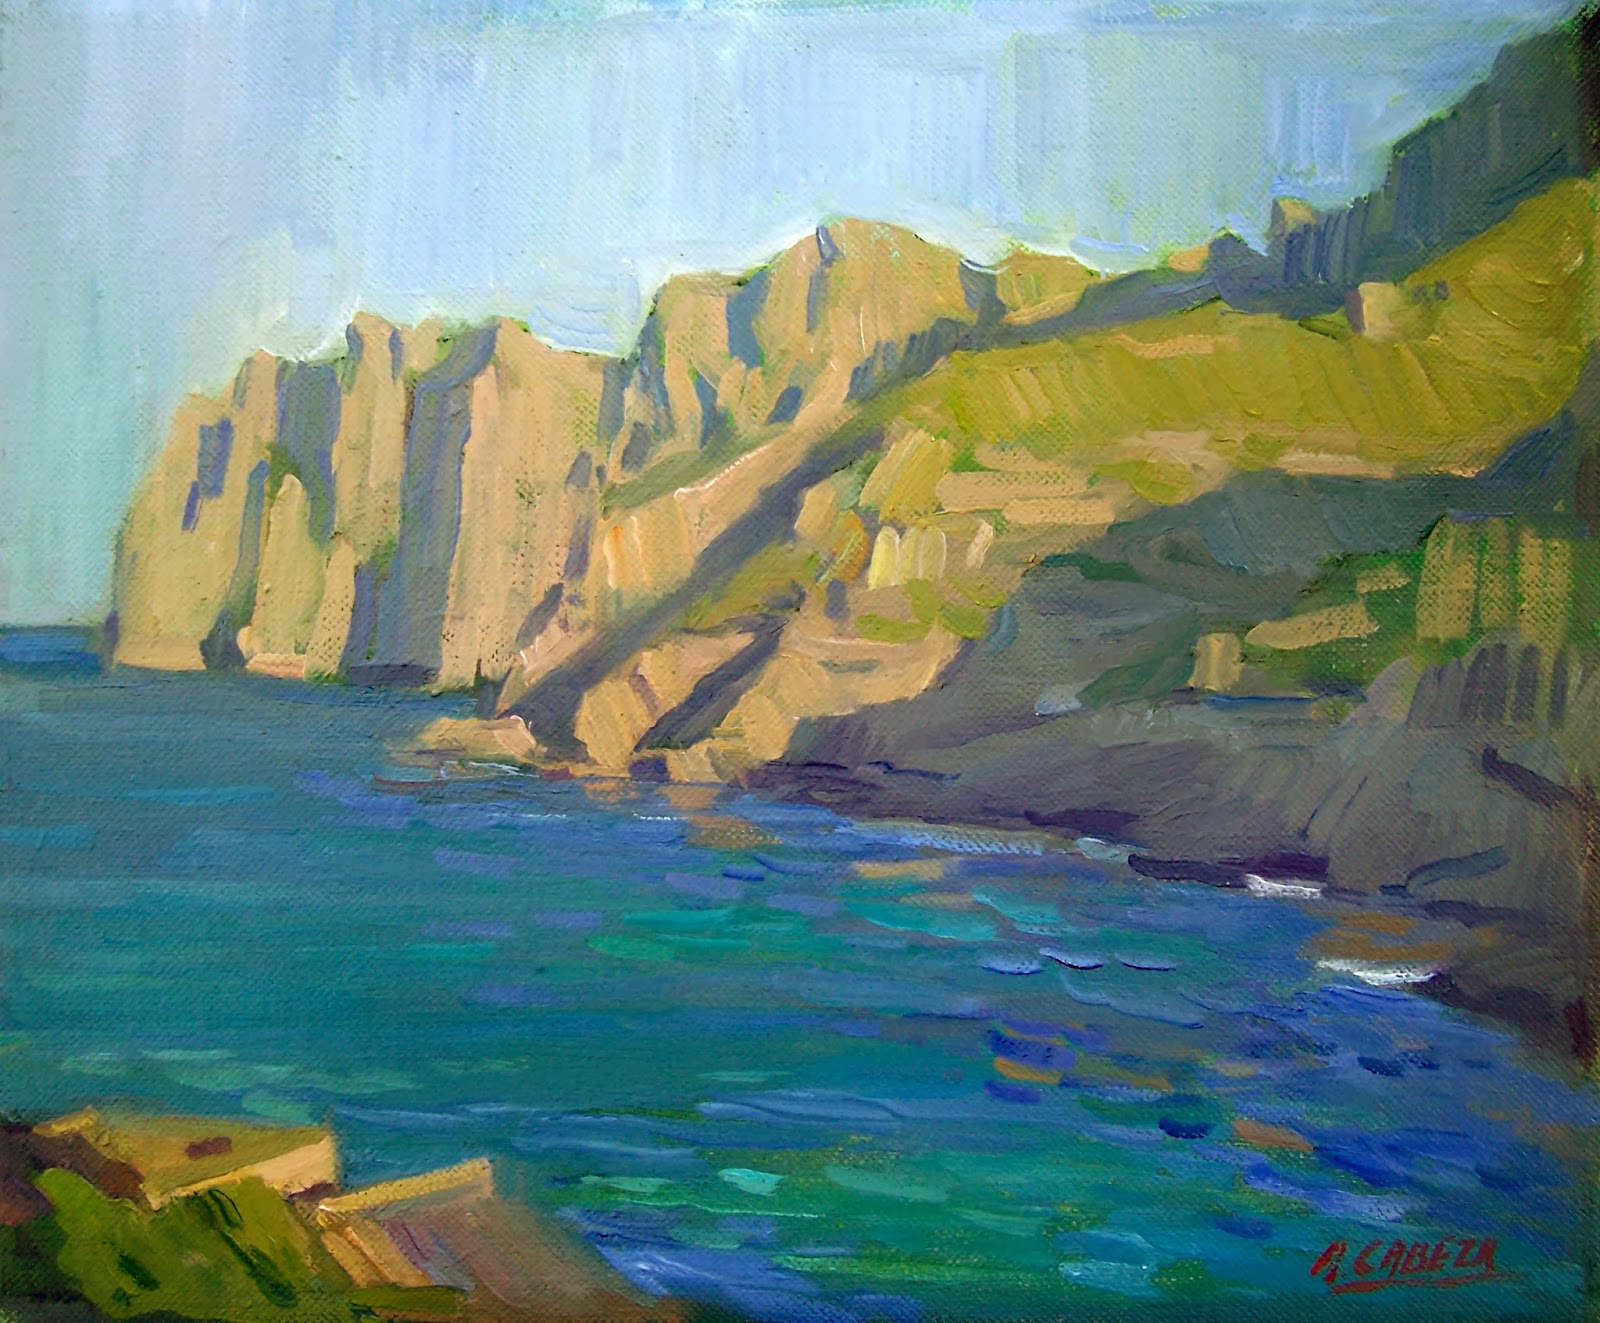 Alejandro Cabeza, Pintores Valencianos, Mallorca en pintura